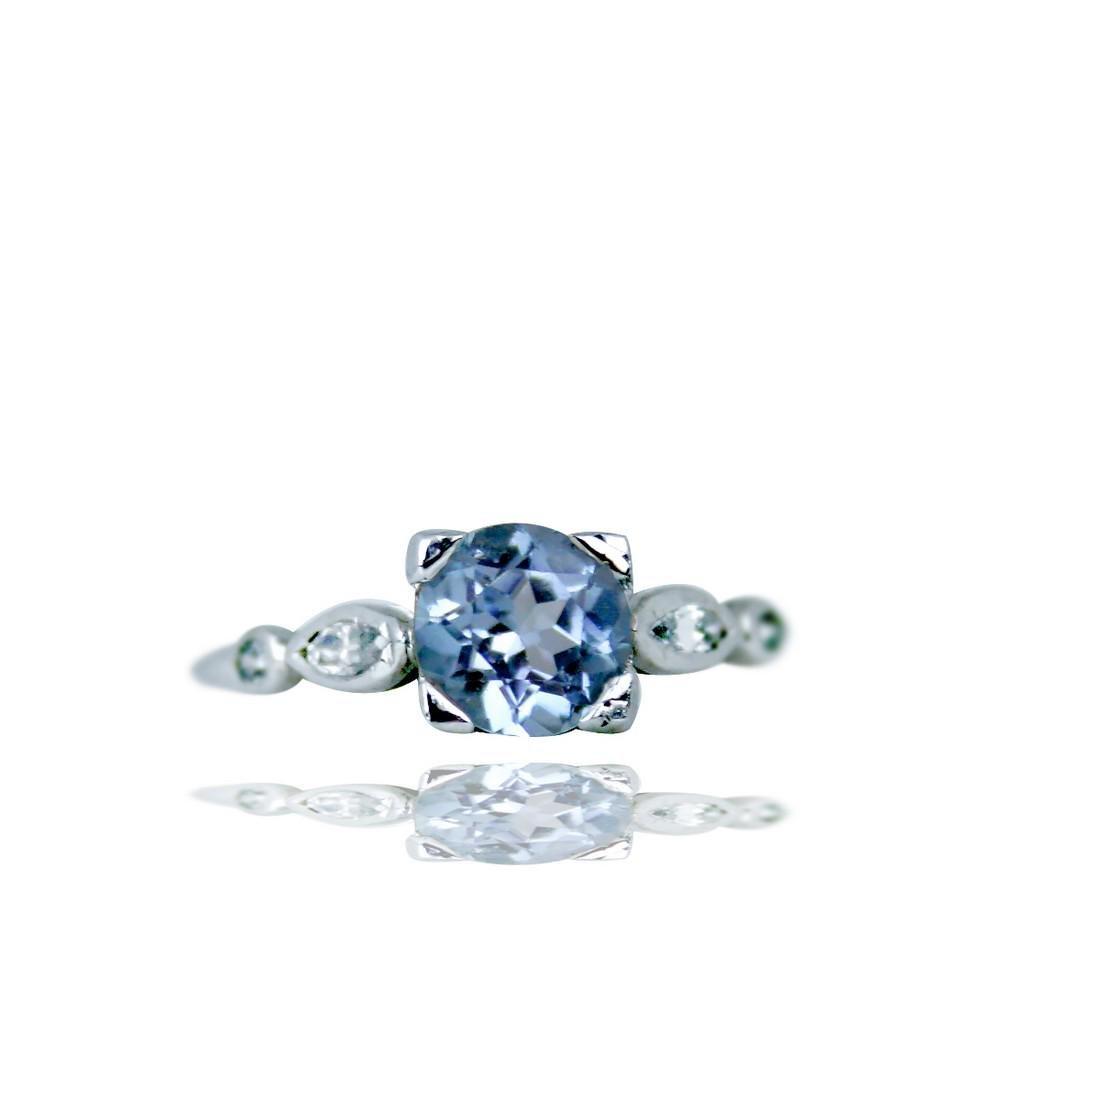 Platinum Diamond & Aquamarine Victorian Ring With